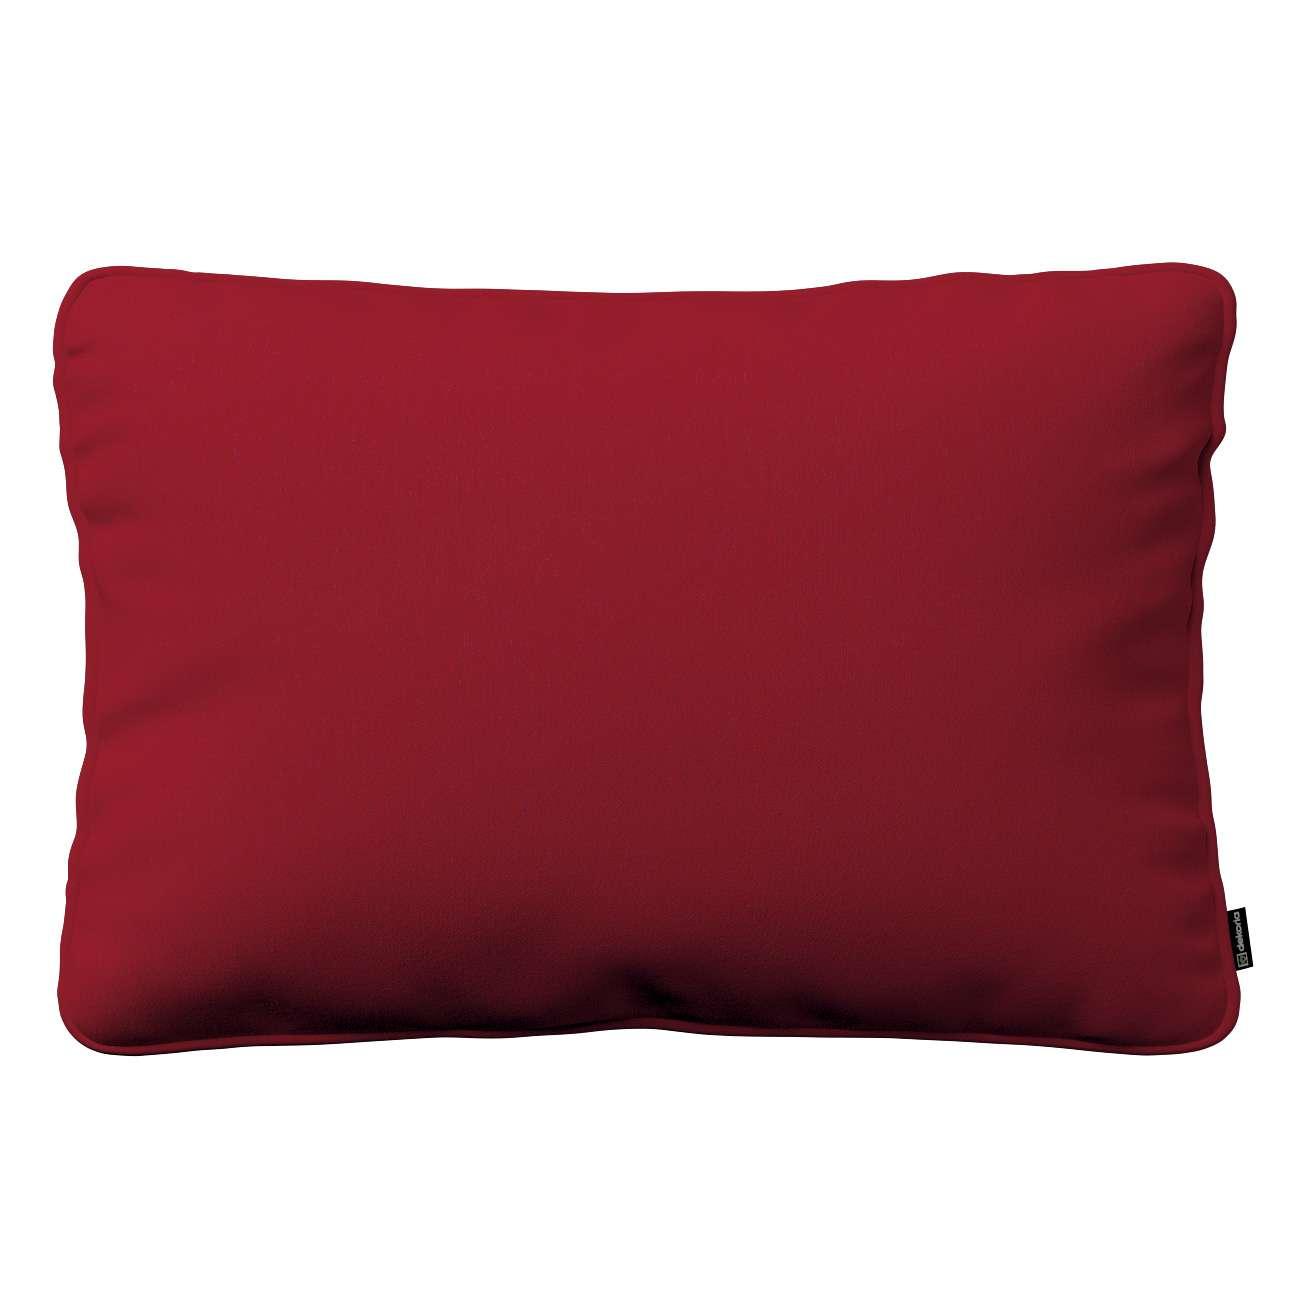 Poszewka Gabi na poduszkę prostokątna 60 x 40 cm w kolekcji Chenille, tkanina: 702-24